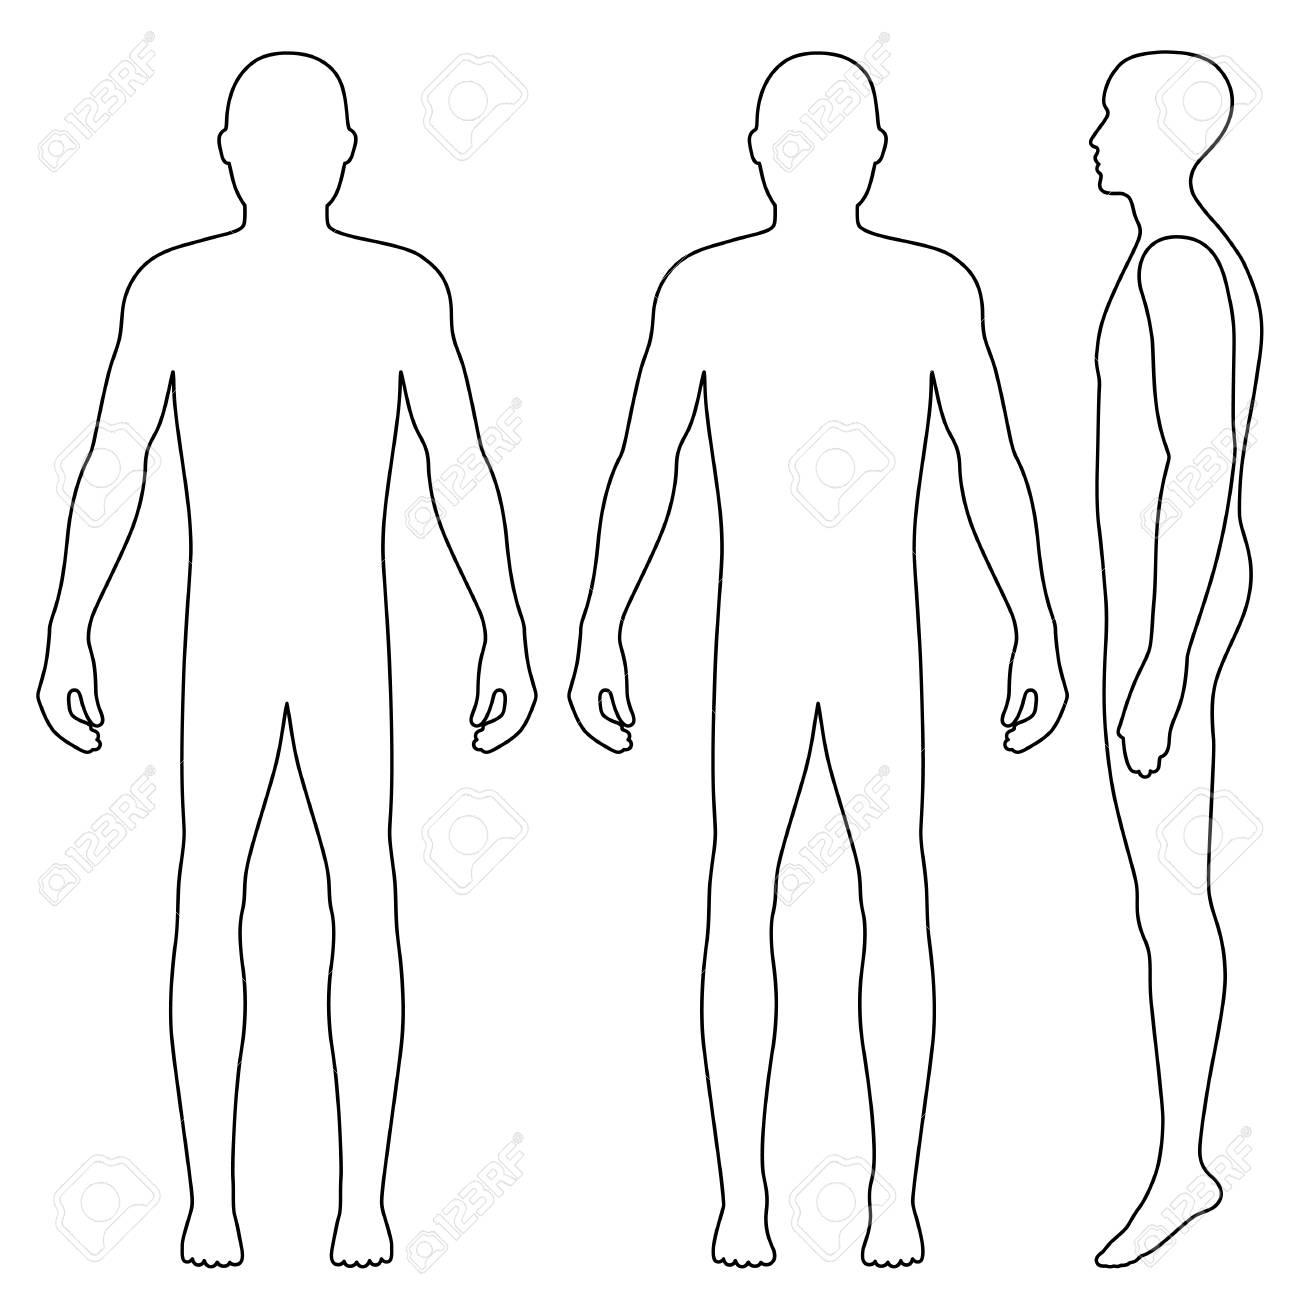 Ziemlich Schicht Körper Vorlage Zeitgenössisch - Entry Level Resume ...